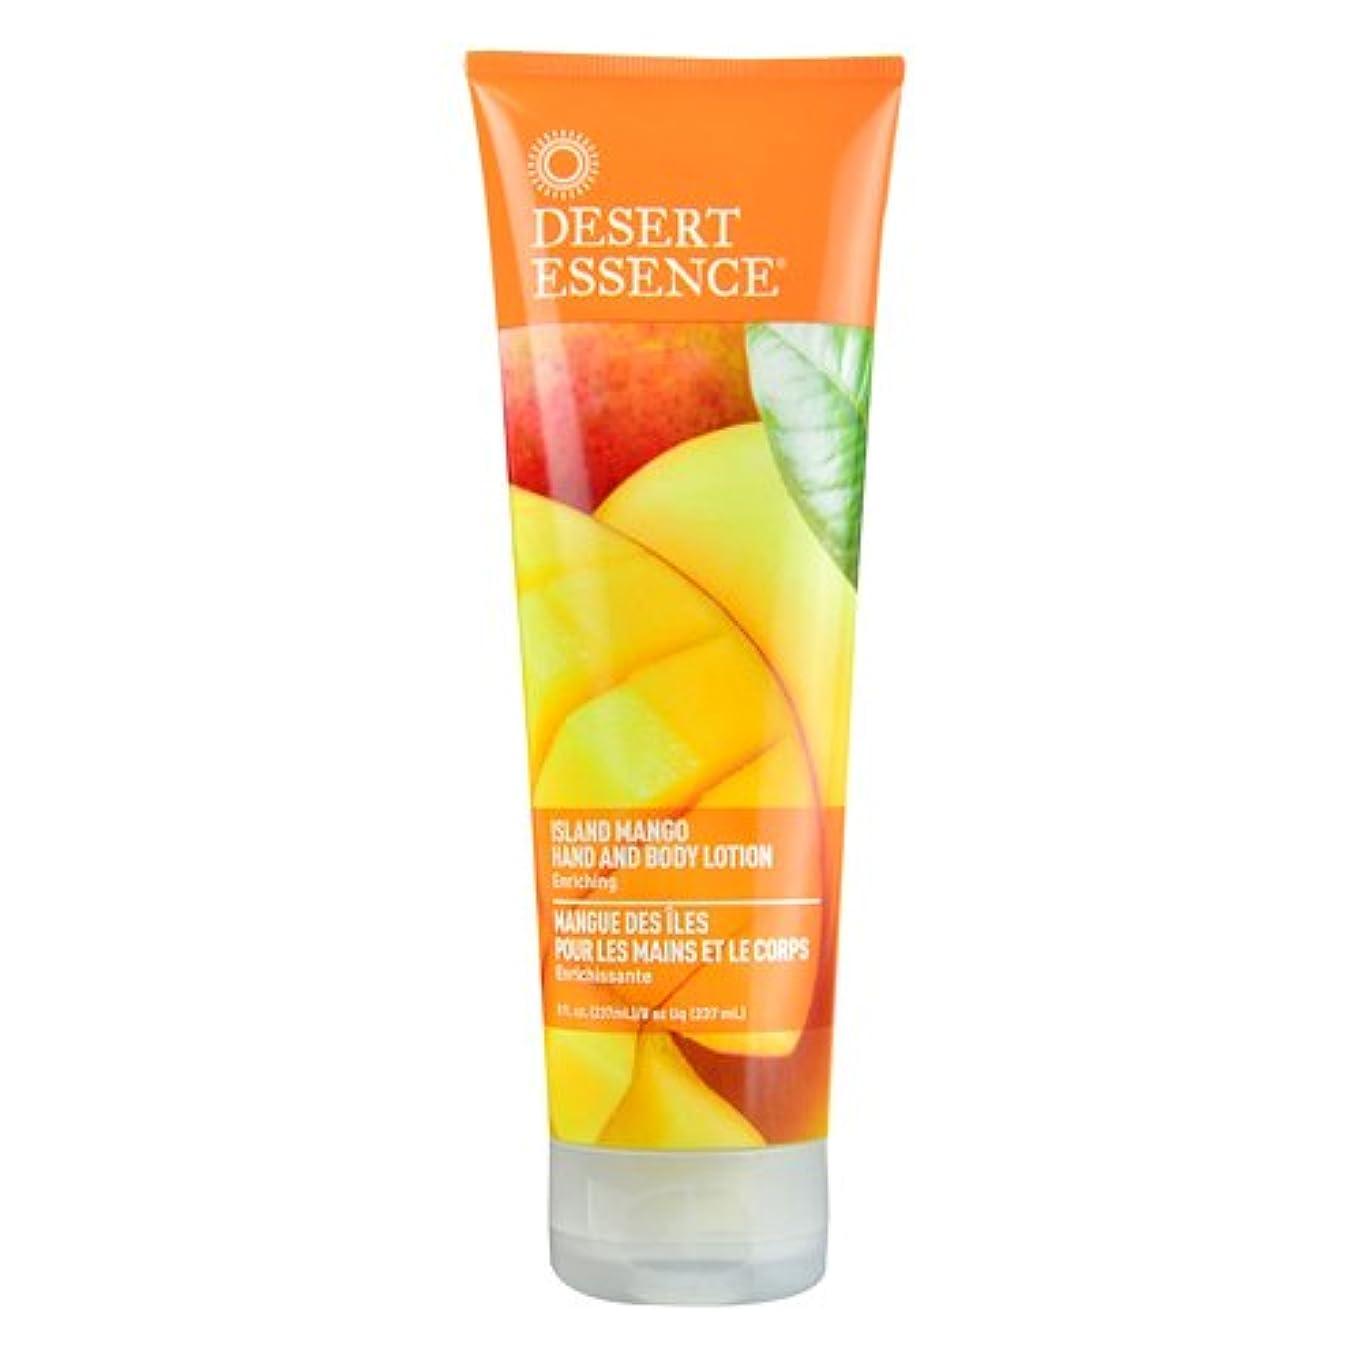 不健康うぬぼれサポートDesert Essence, Hand and Body Lotion, Island Mango, 8 fl oz (237 ml)